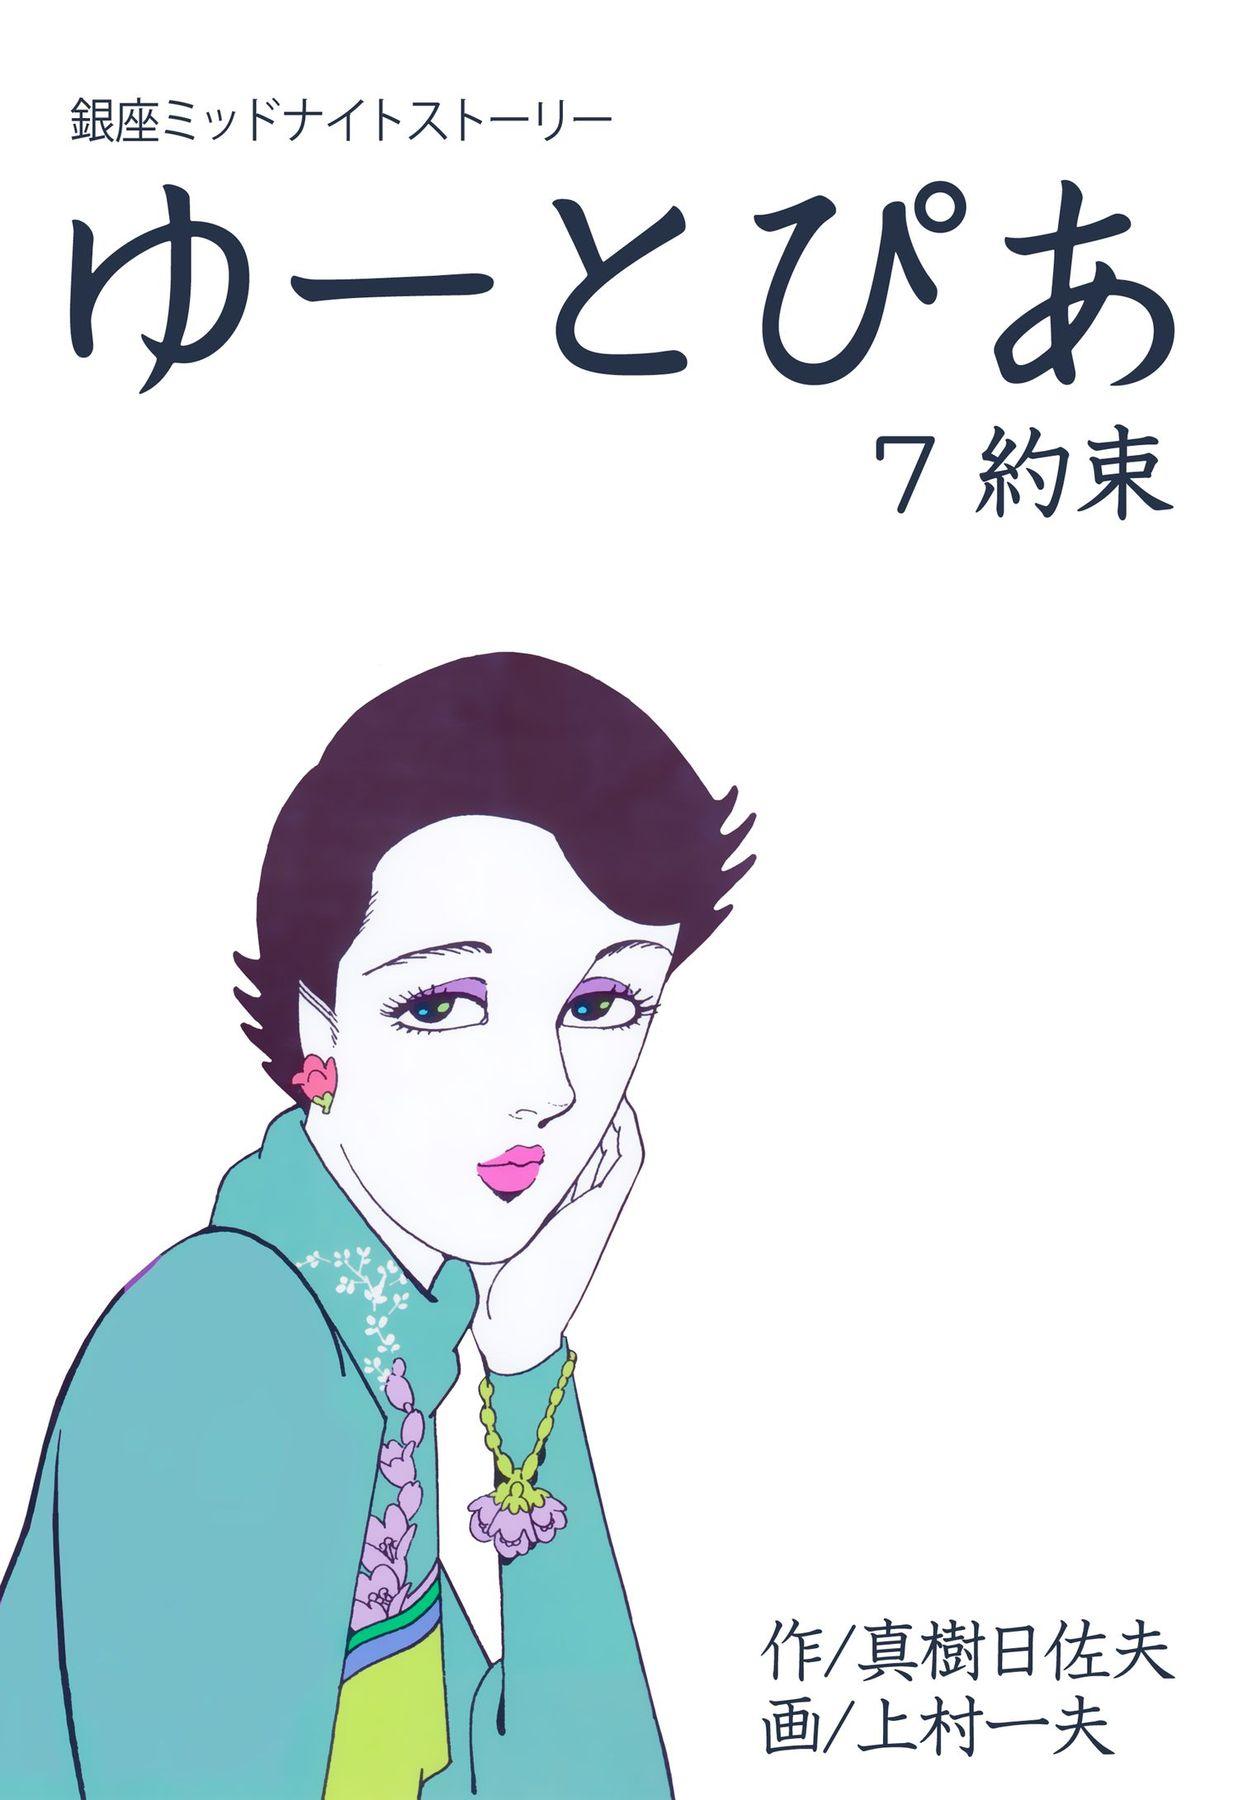 ゆーとぴあ~銀座ミッドナイトストーリー(第7巻)